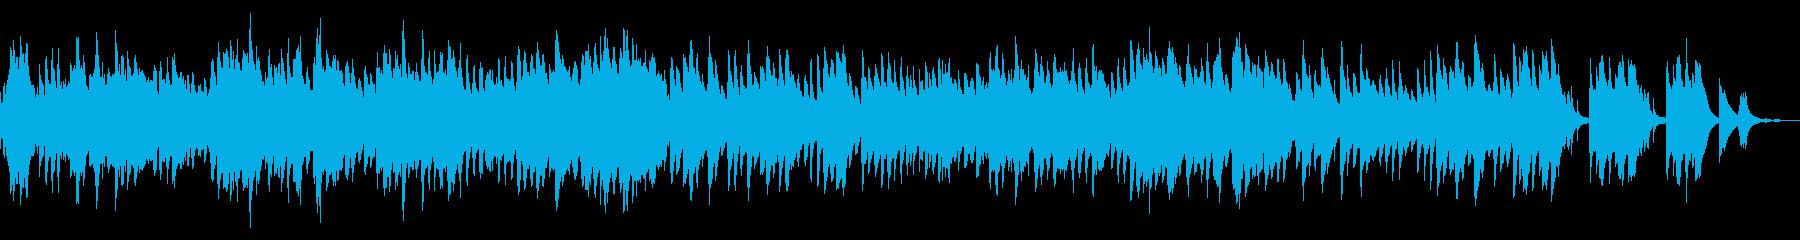 静かでゆったりヒーリングクラシック1 の再生済みの波形